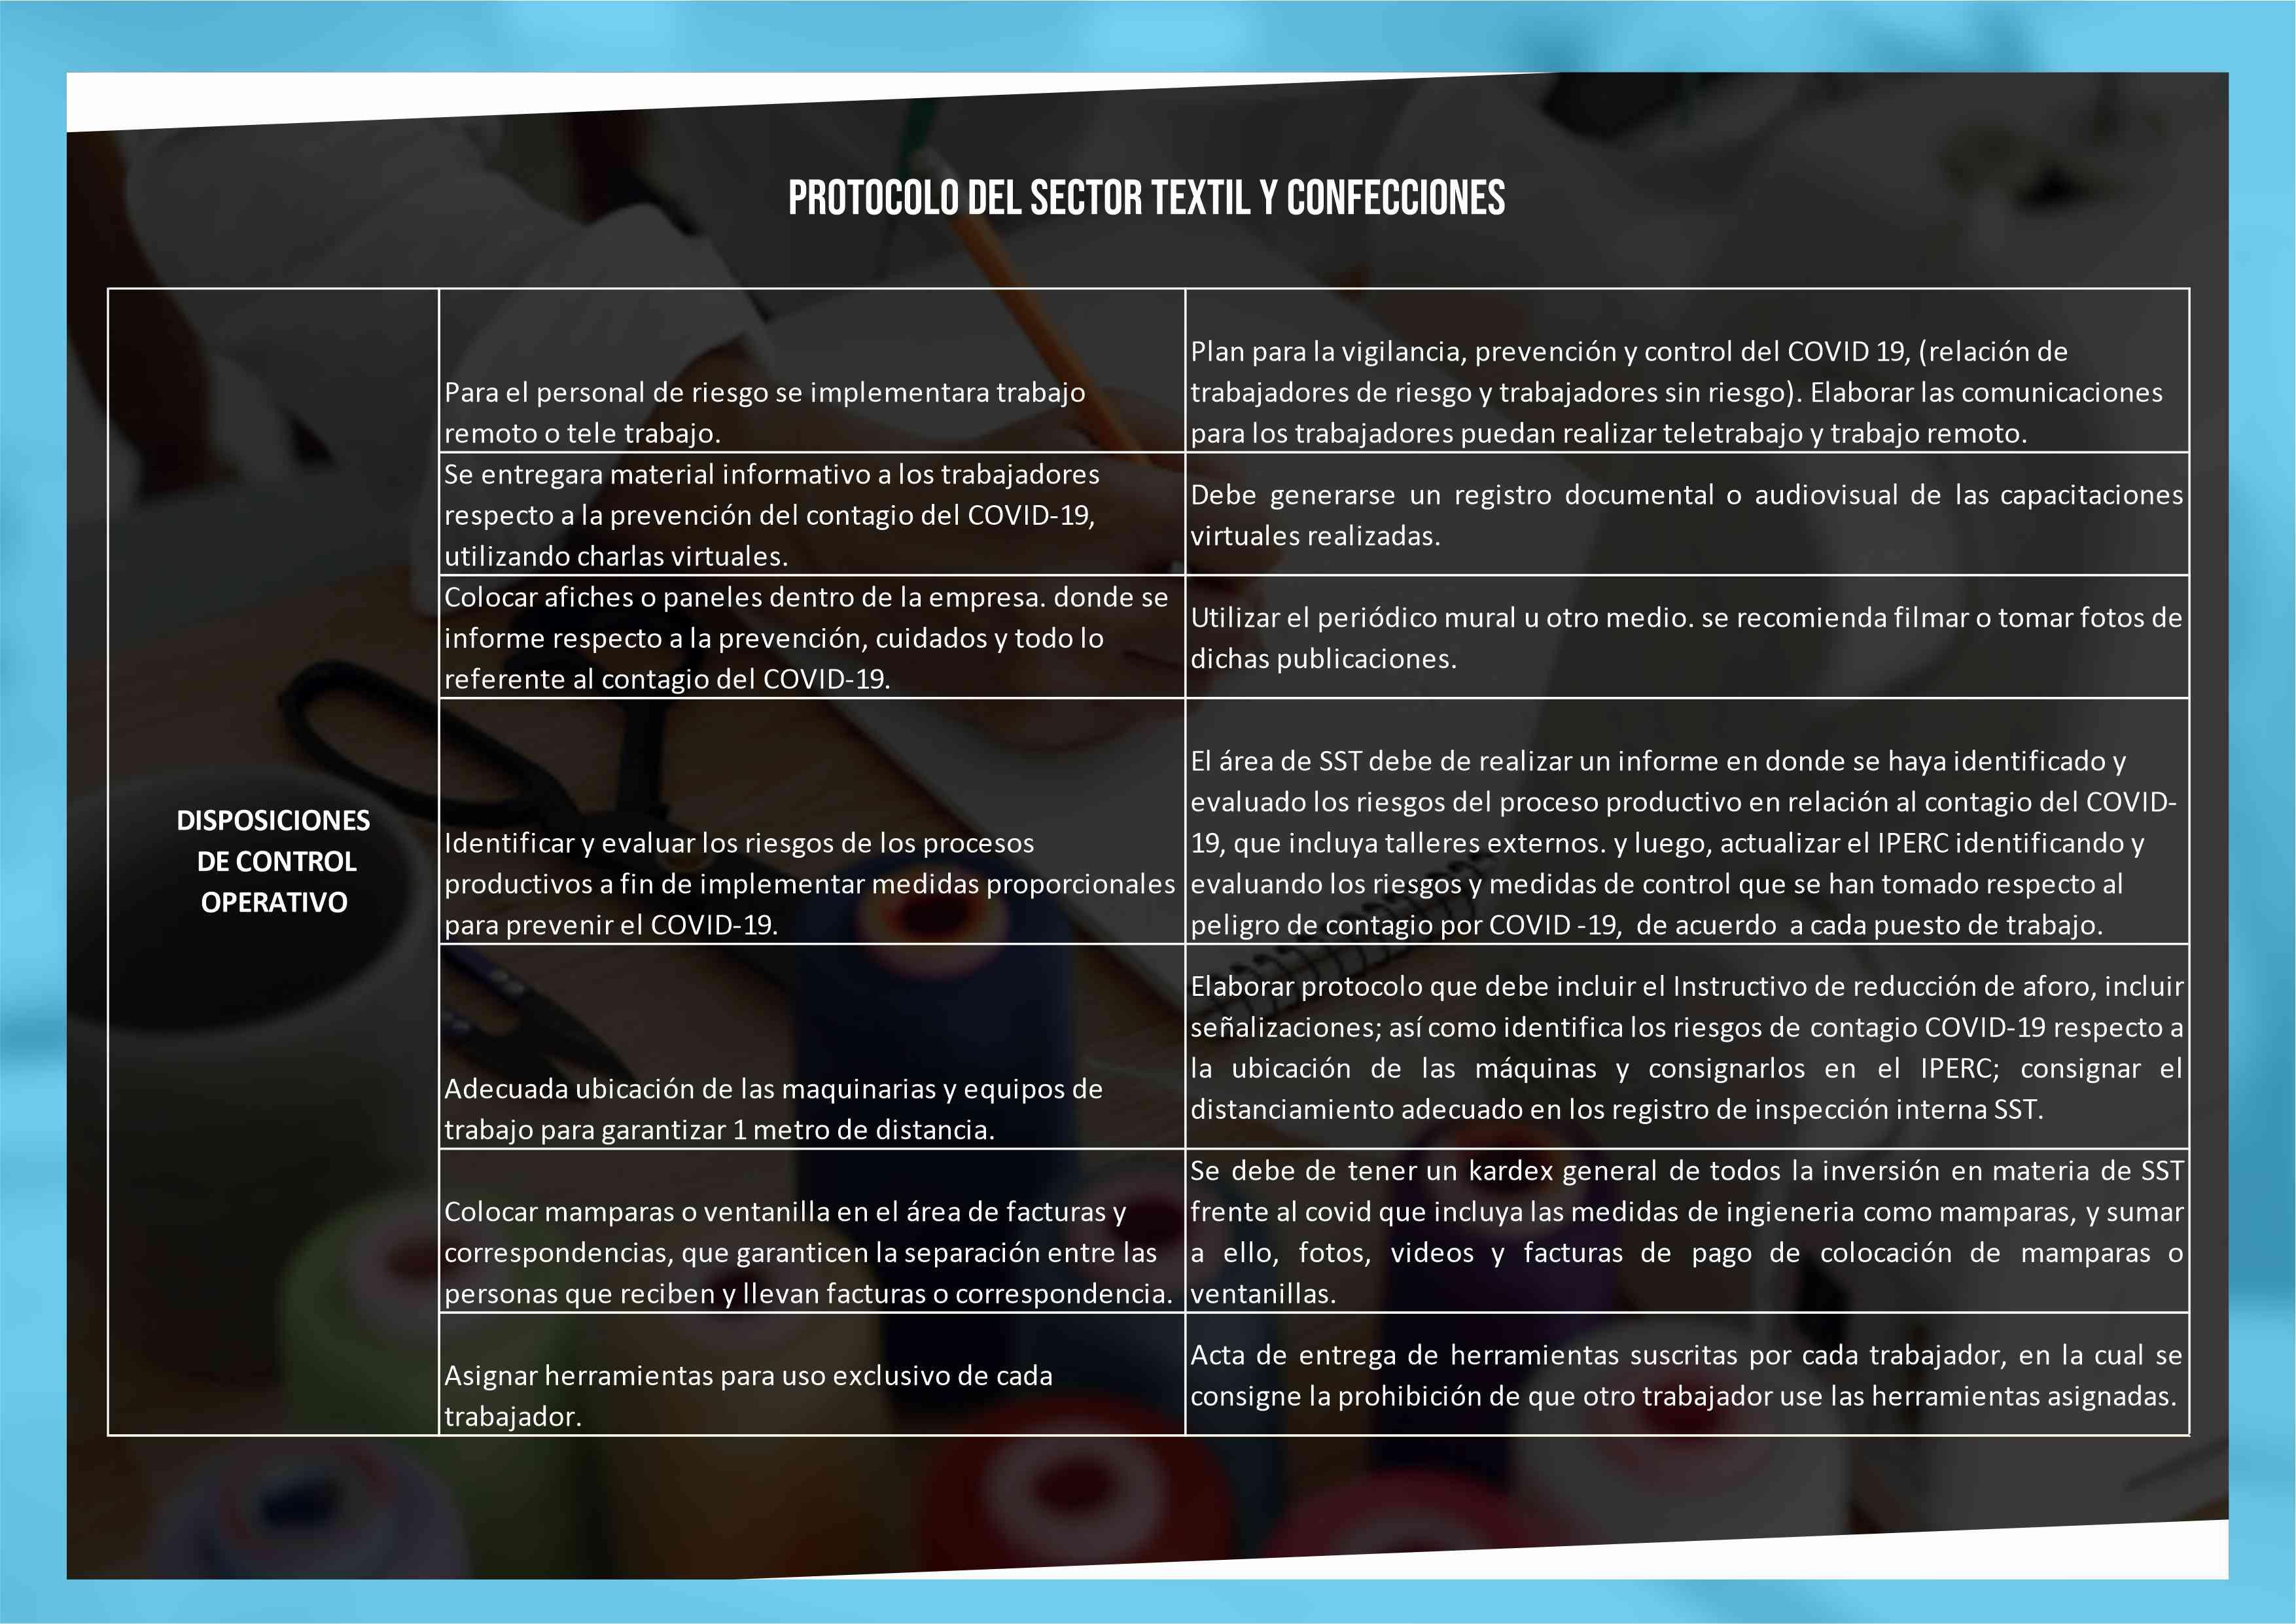 4-PROTOCOLO DEL SECTOR TEXTIL Y CONFECCIONES